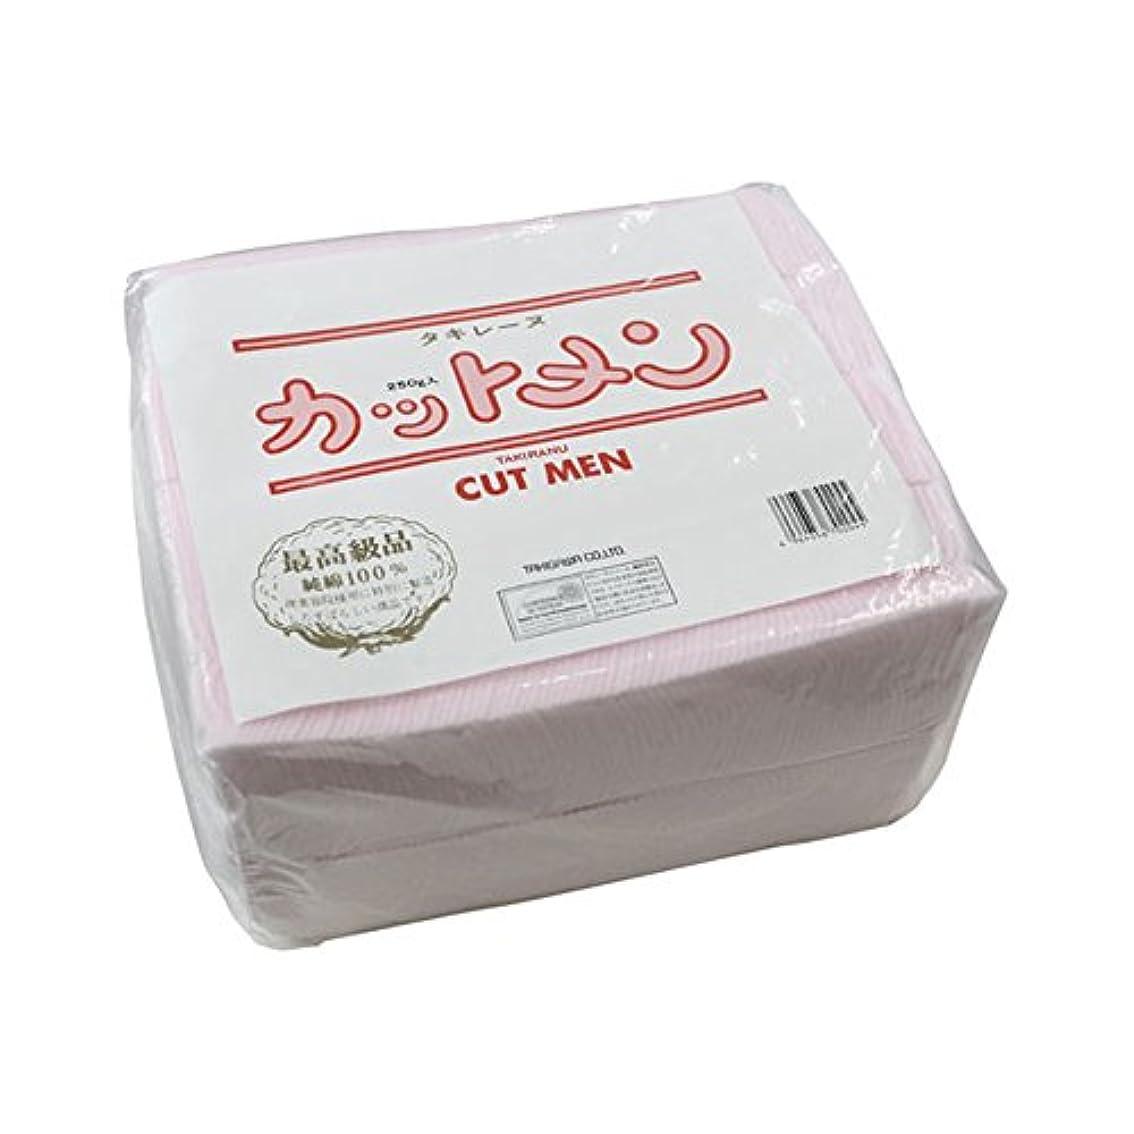 傘牛オプショナルタキレーヌカット綿/ピンク 250g 約550枚入